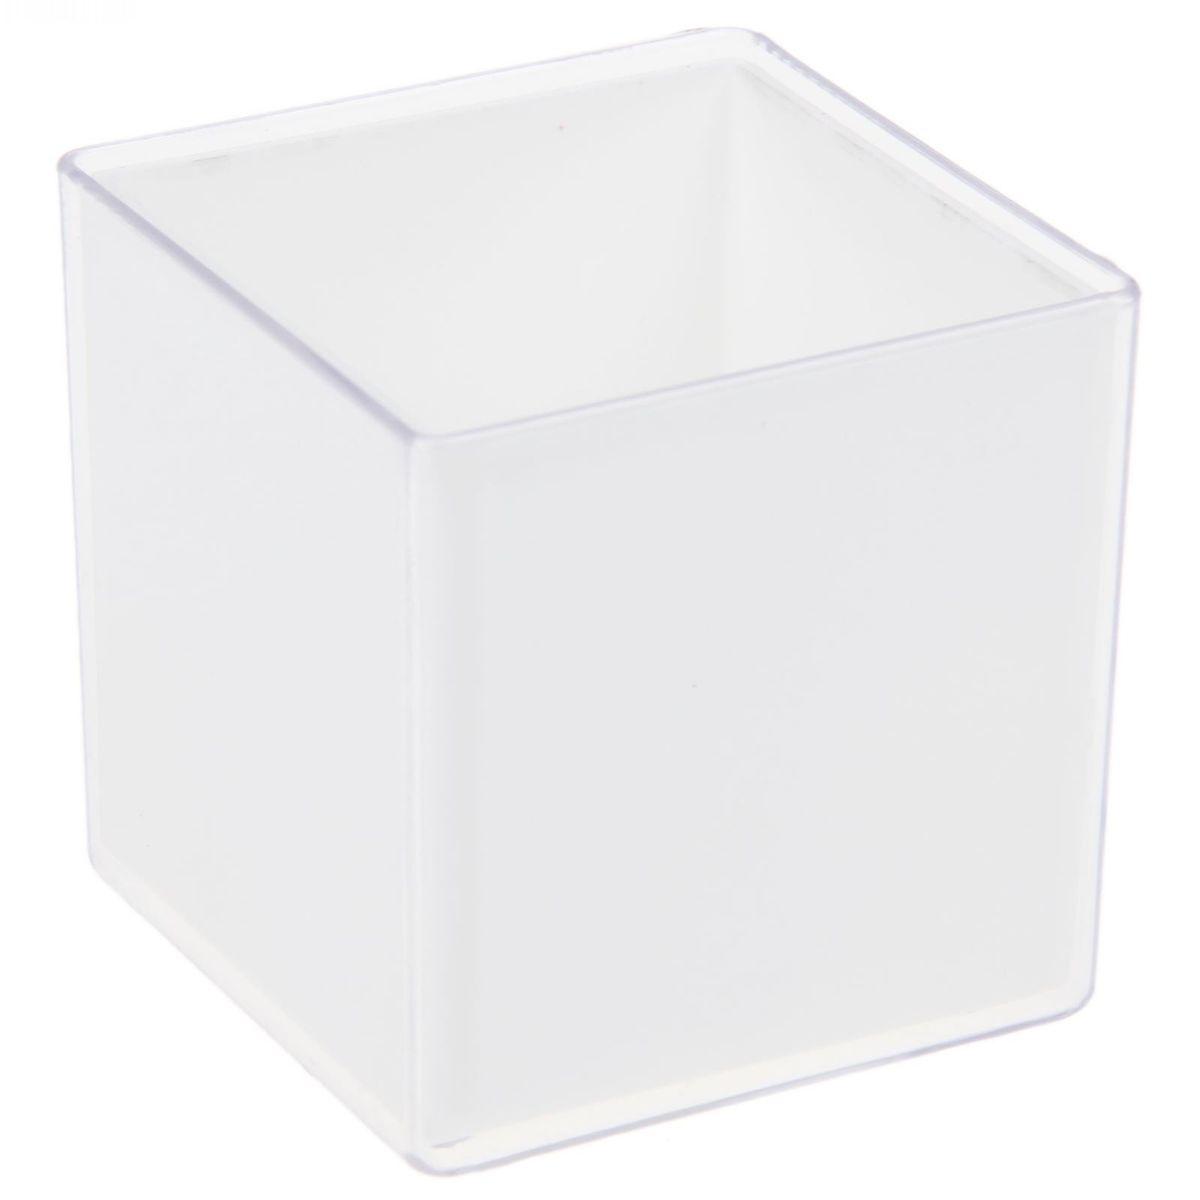 Кашпо JetPlast Мини куб, на магните, цвет: прозрачный, 6 x 6 x 6 см4612754050468Кашпо JetPlast Мини куб предназначено для украшения любого интерьера. Благодаря магнитной ленте, входящей в комплект, вы можете разместить его не только на подоконнике, столе, а также на холодильнике и любой другой металлической поверхности, дополняя привычные вещи новыми дизайнерскими решениями. Кашпо можно использовать не только под цветы, но и как подставку для ручек, карандашей и прочих канцелярских мелочей.Размеры кашпо: 6 х 6 х 6 см.